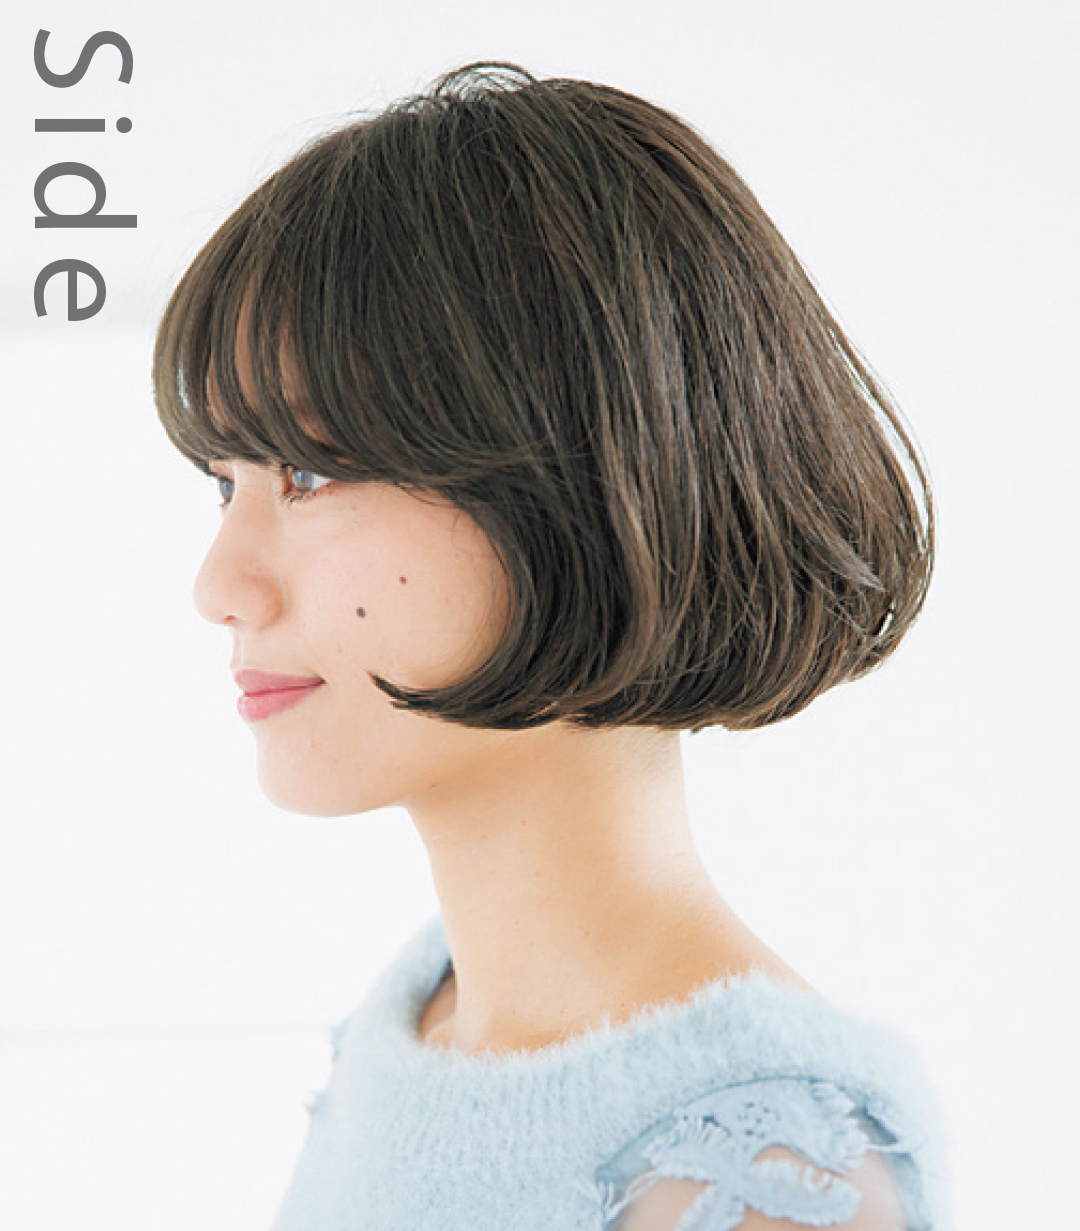 パサつく髪の秋カラーは透明感のあるアッシュ×ラベンダー!_1_2-1